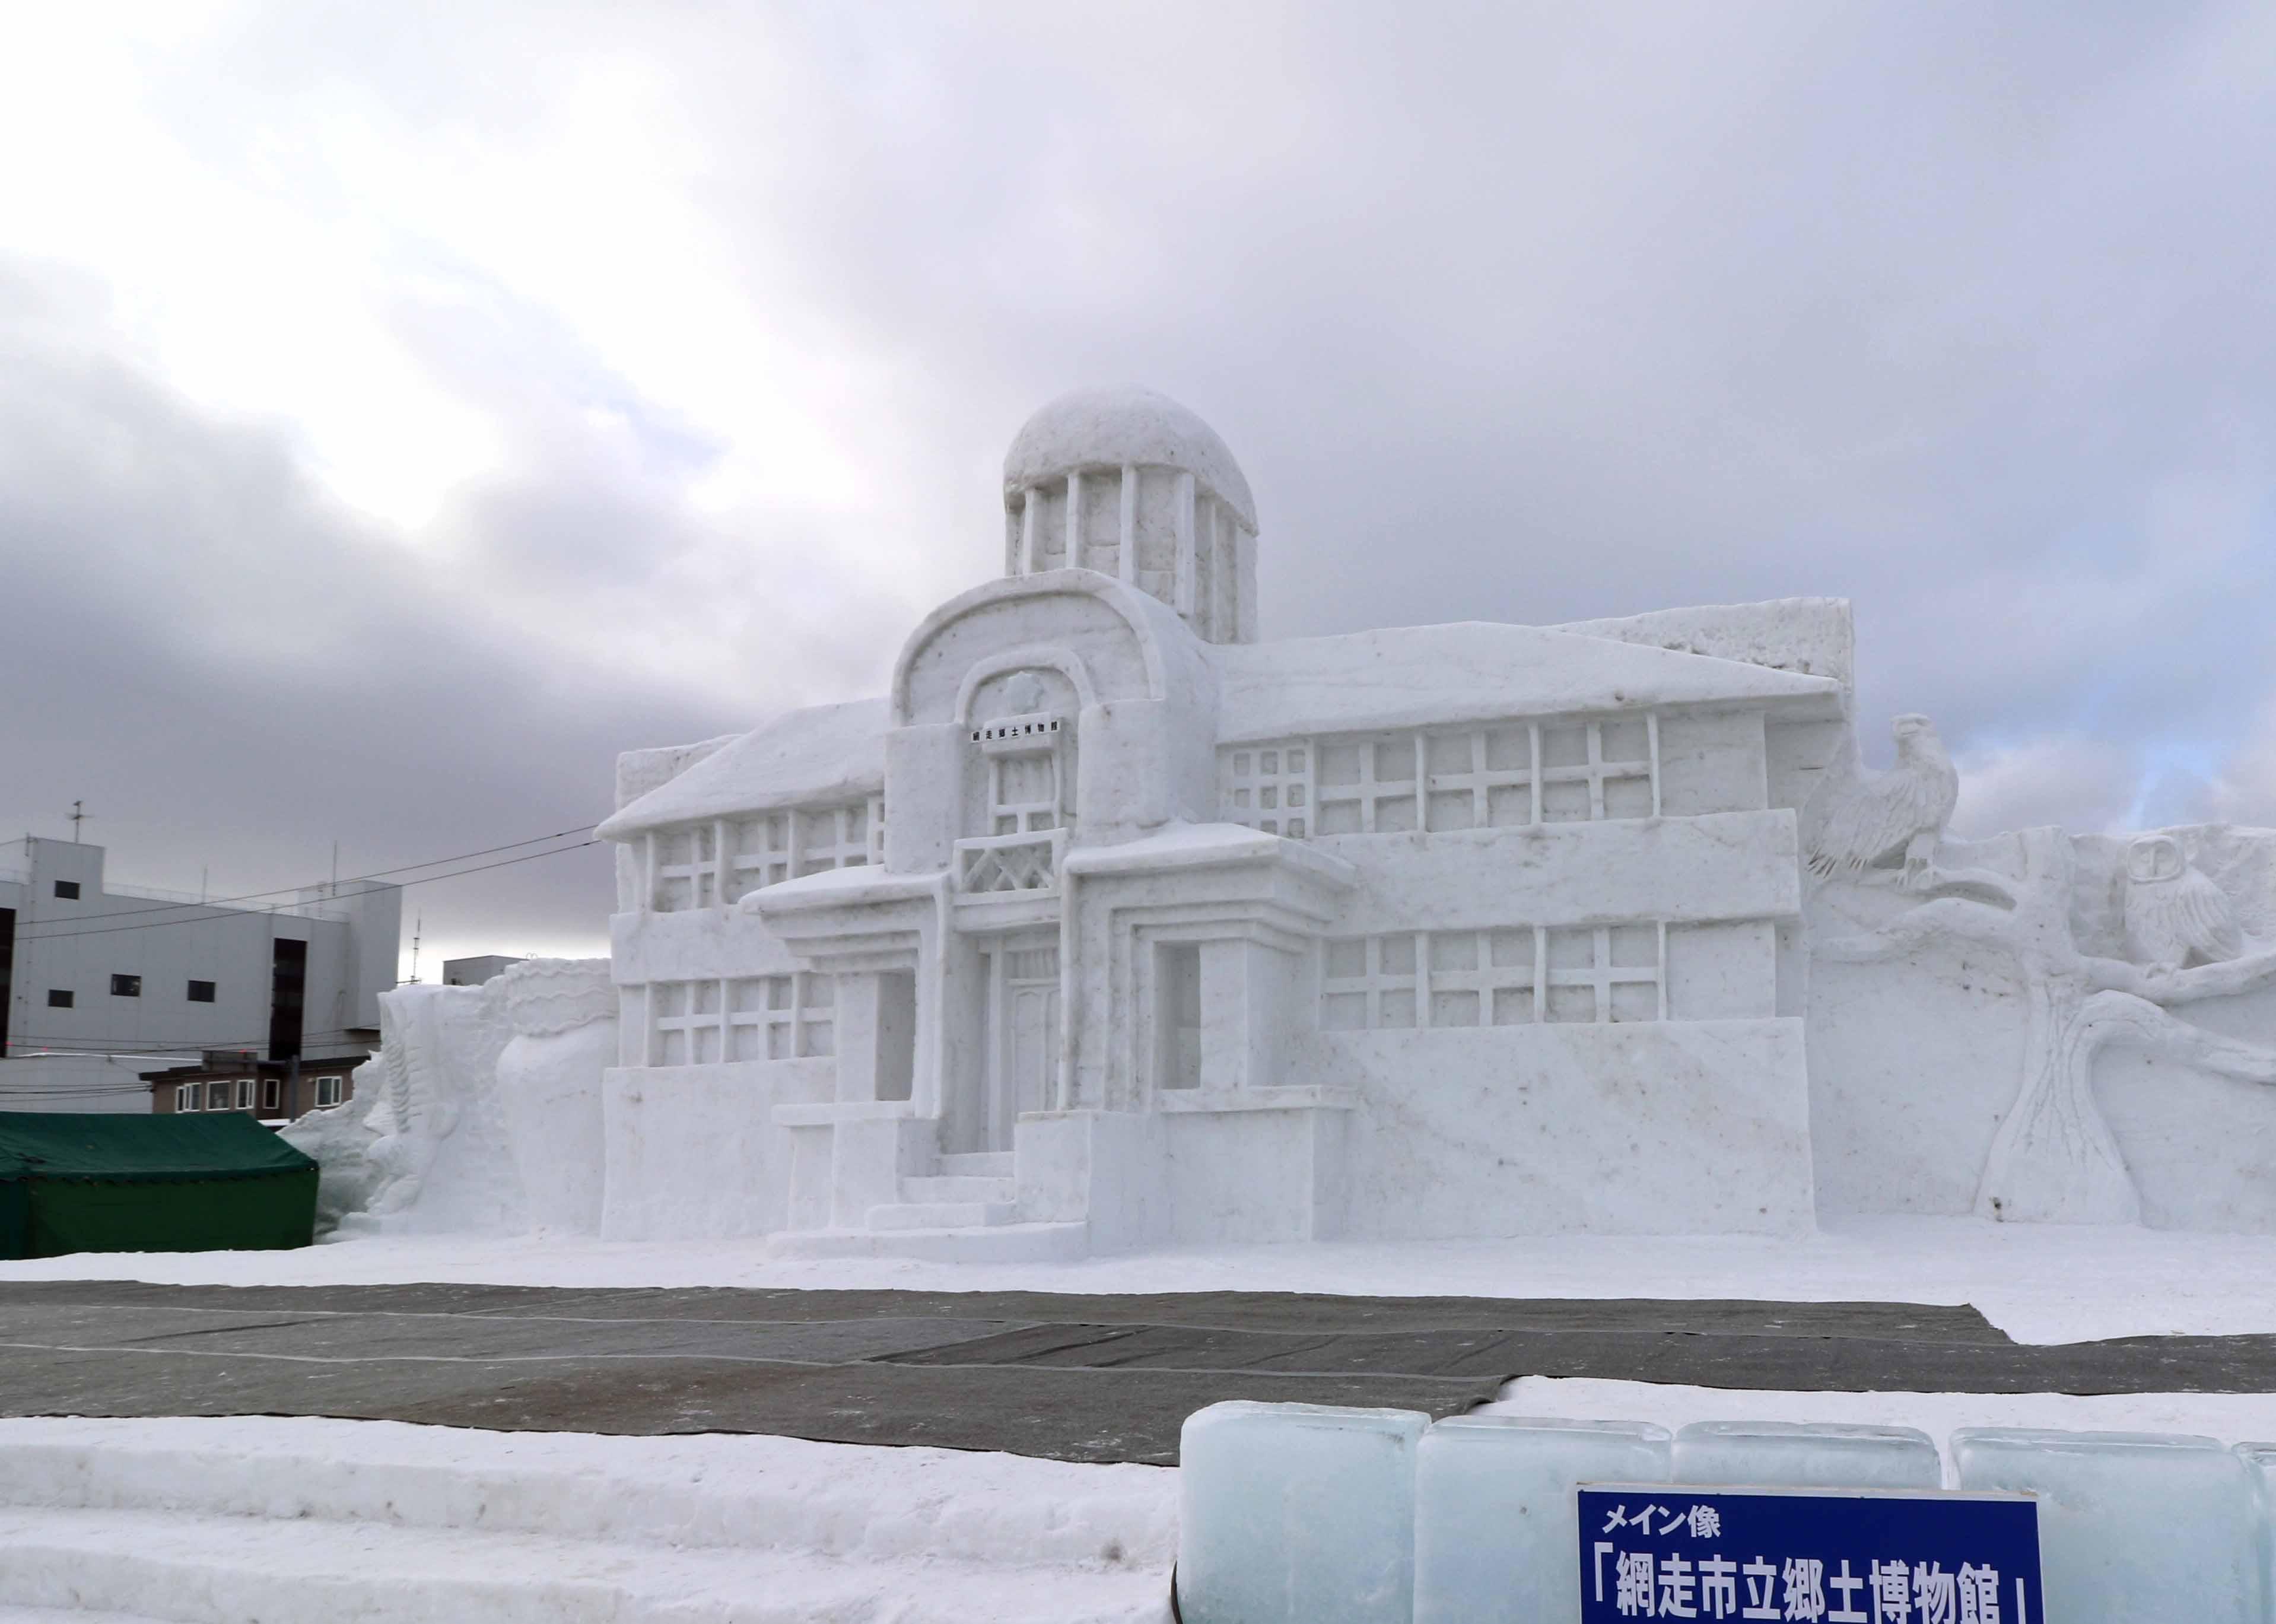 メインの雪像「網走市立郷土博物館」